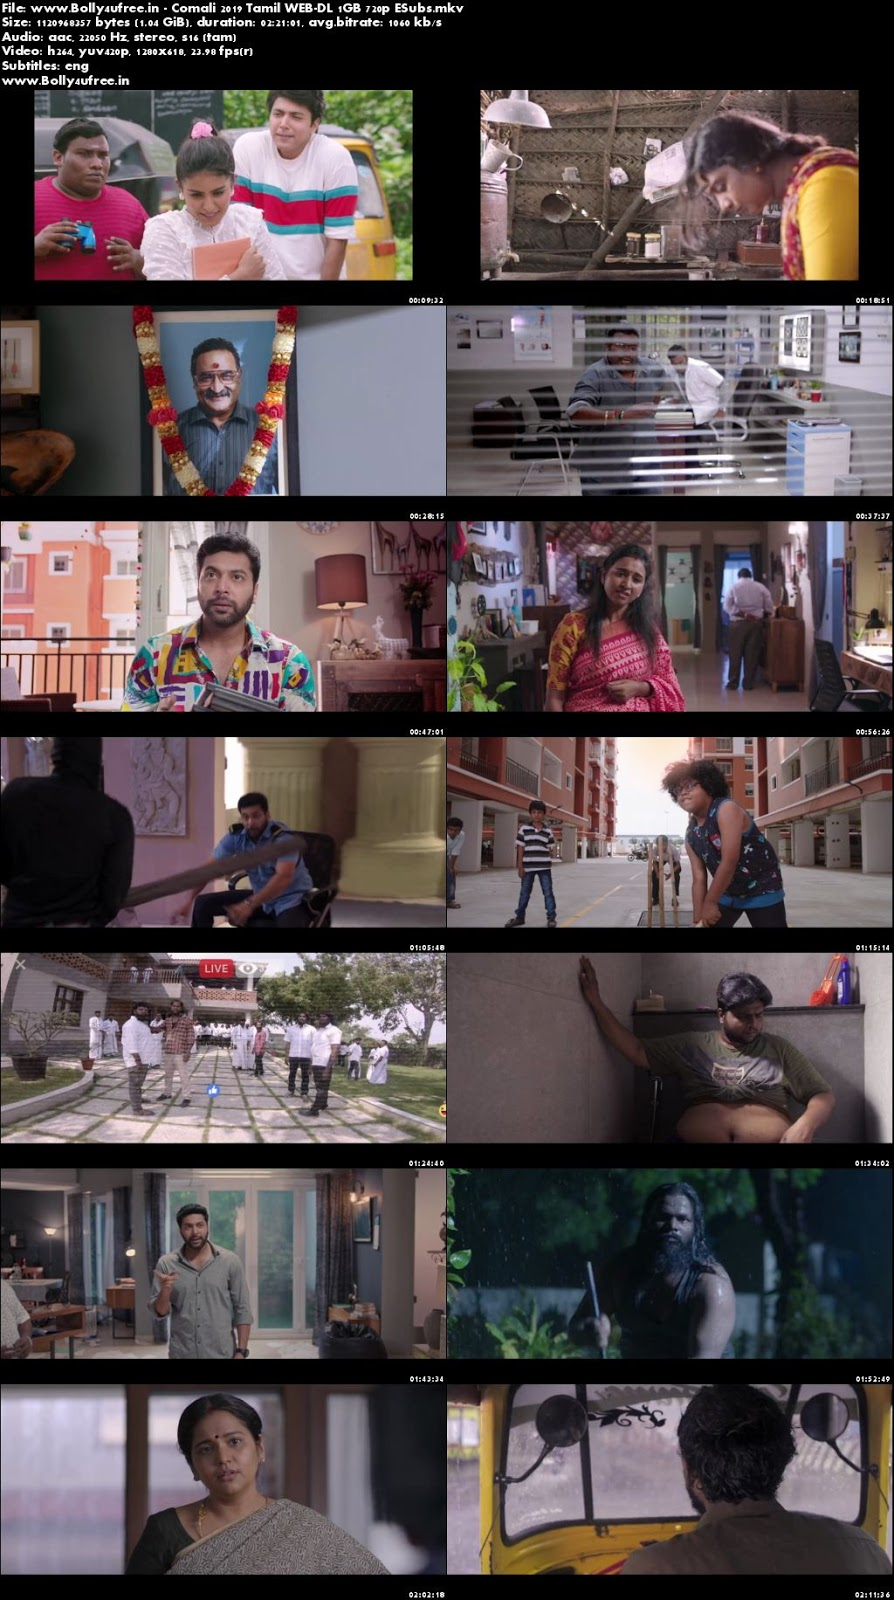 Comali 2019 Tamil WEB-DL 1GB 720p ESubs